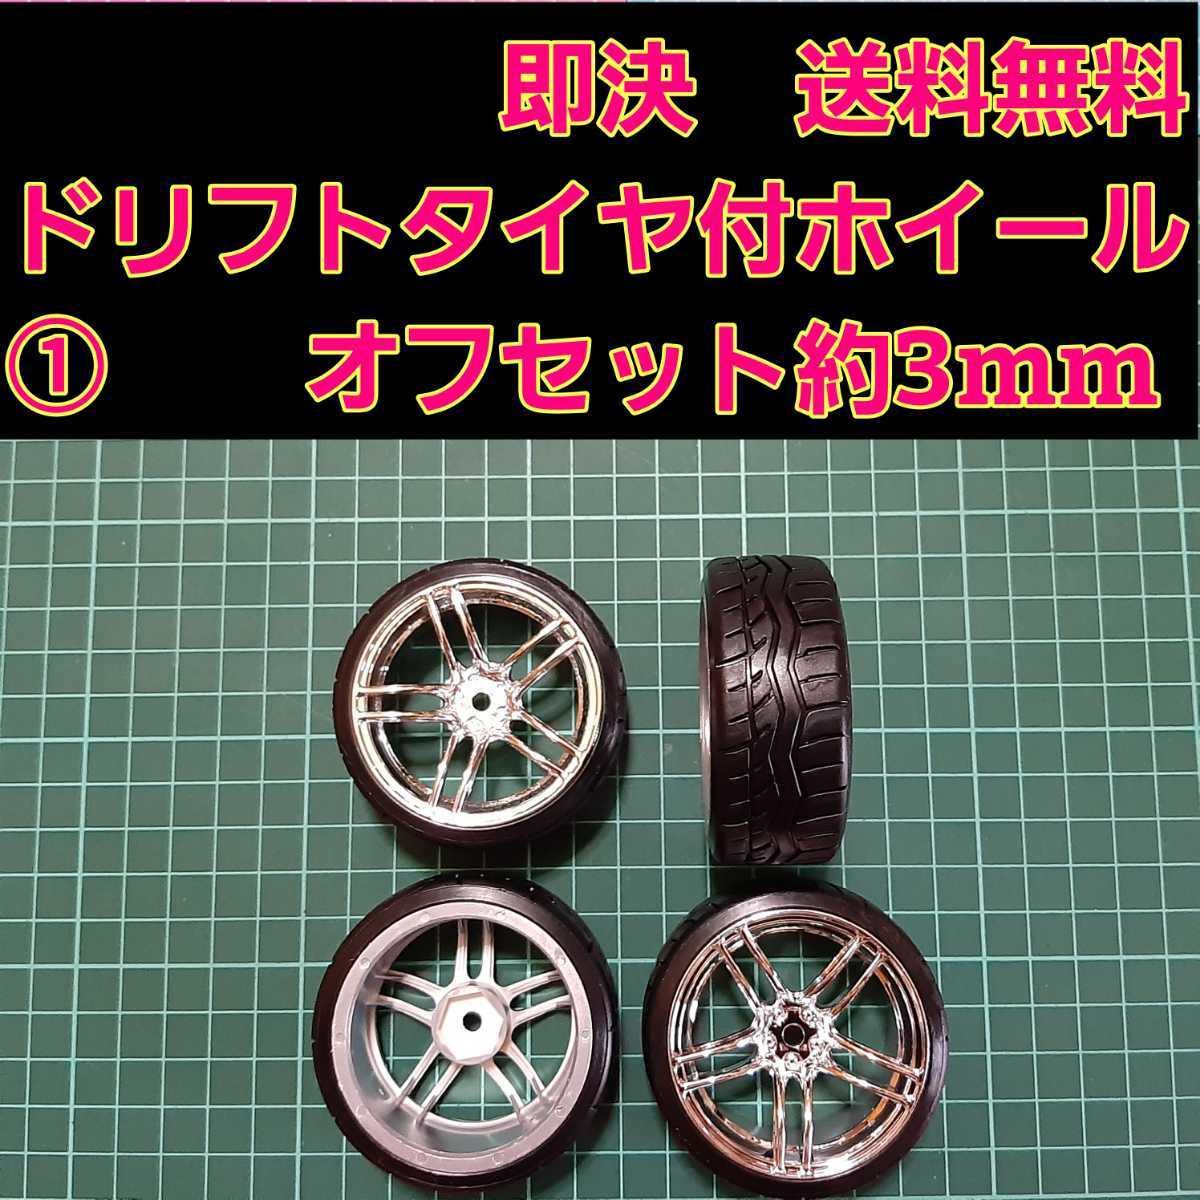 即決《送料無料》 1/10 ドリフト タイヤ 付 ホイール ①  タミヤ ラジコン ヨコモ ドリパケ タミヤ TT01 TT02 YD-2 TA04 サクラ